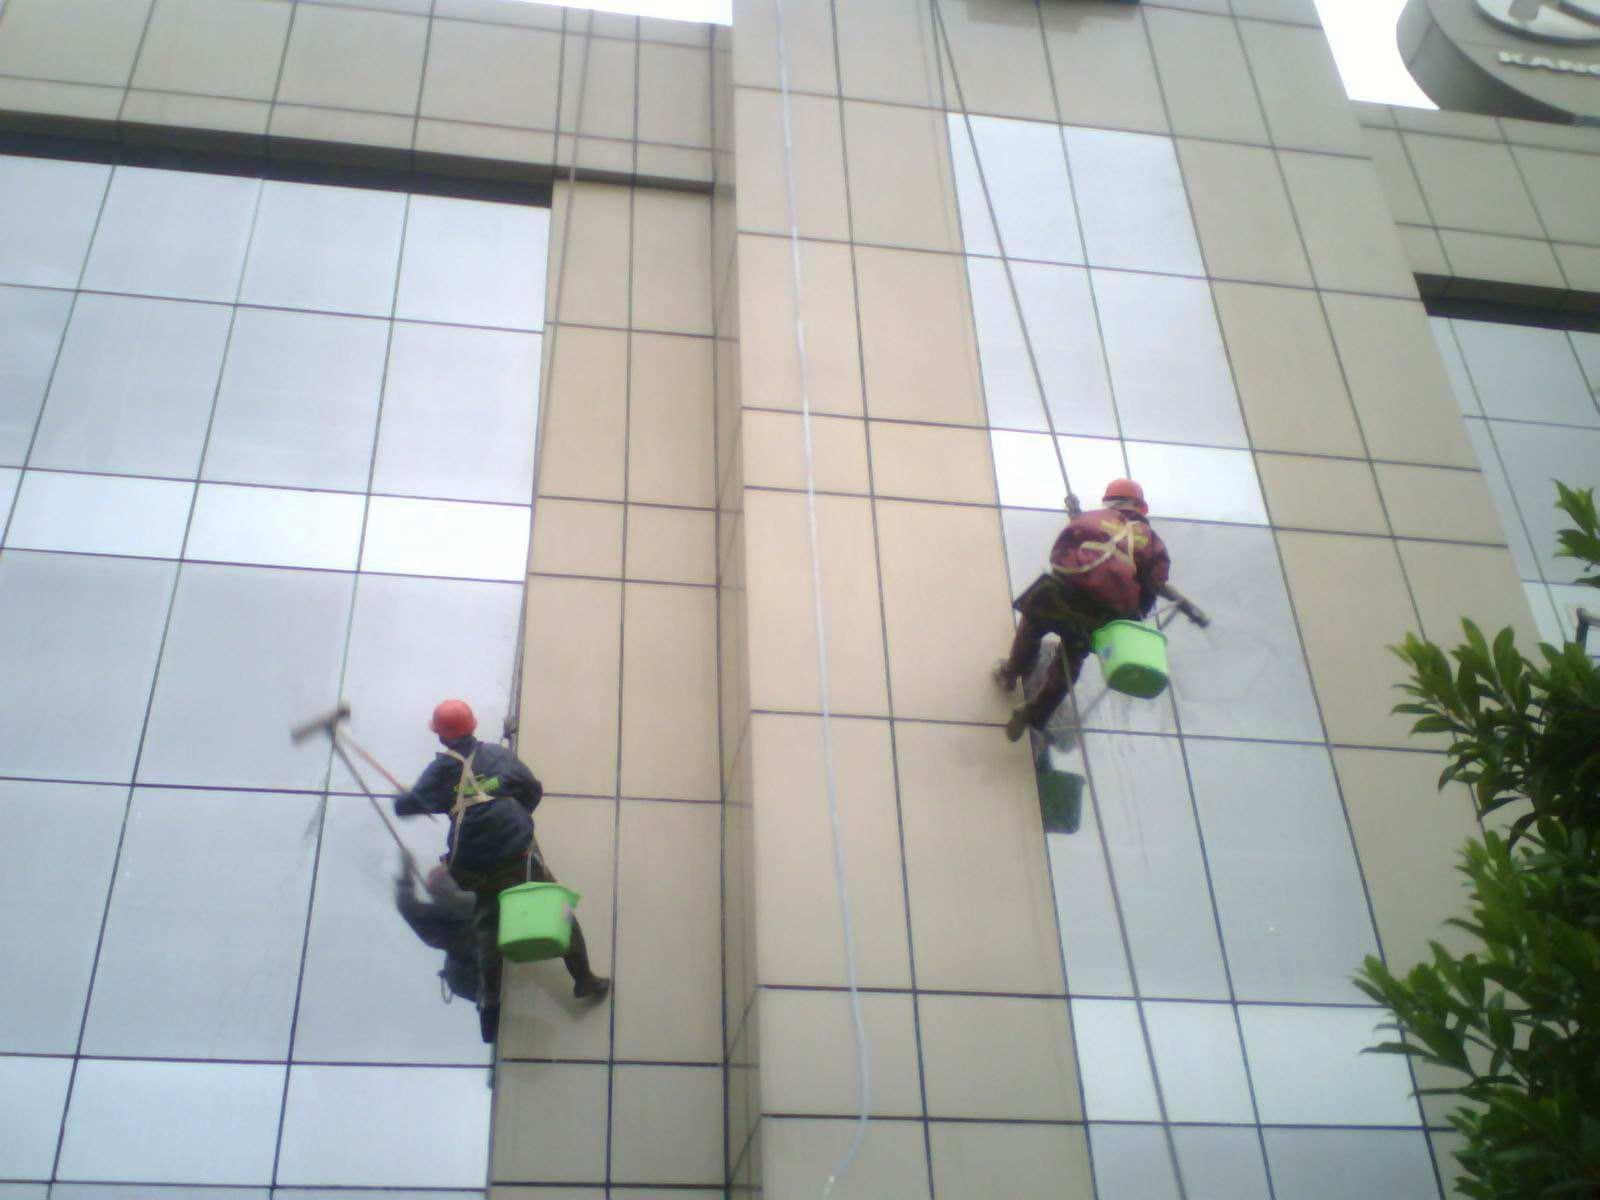 陕西口碑好的外墙防水公司 西安楼顶防水材料哪种好 西安奥邦防水装饰工程有限公司